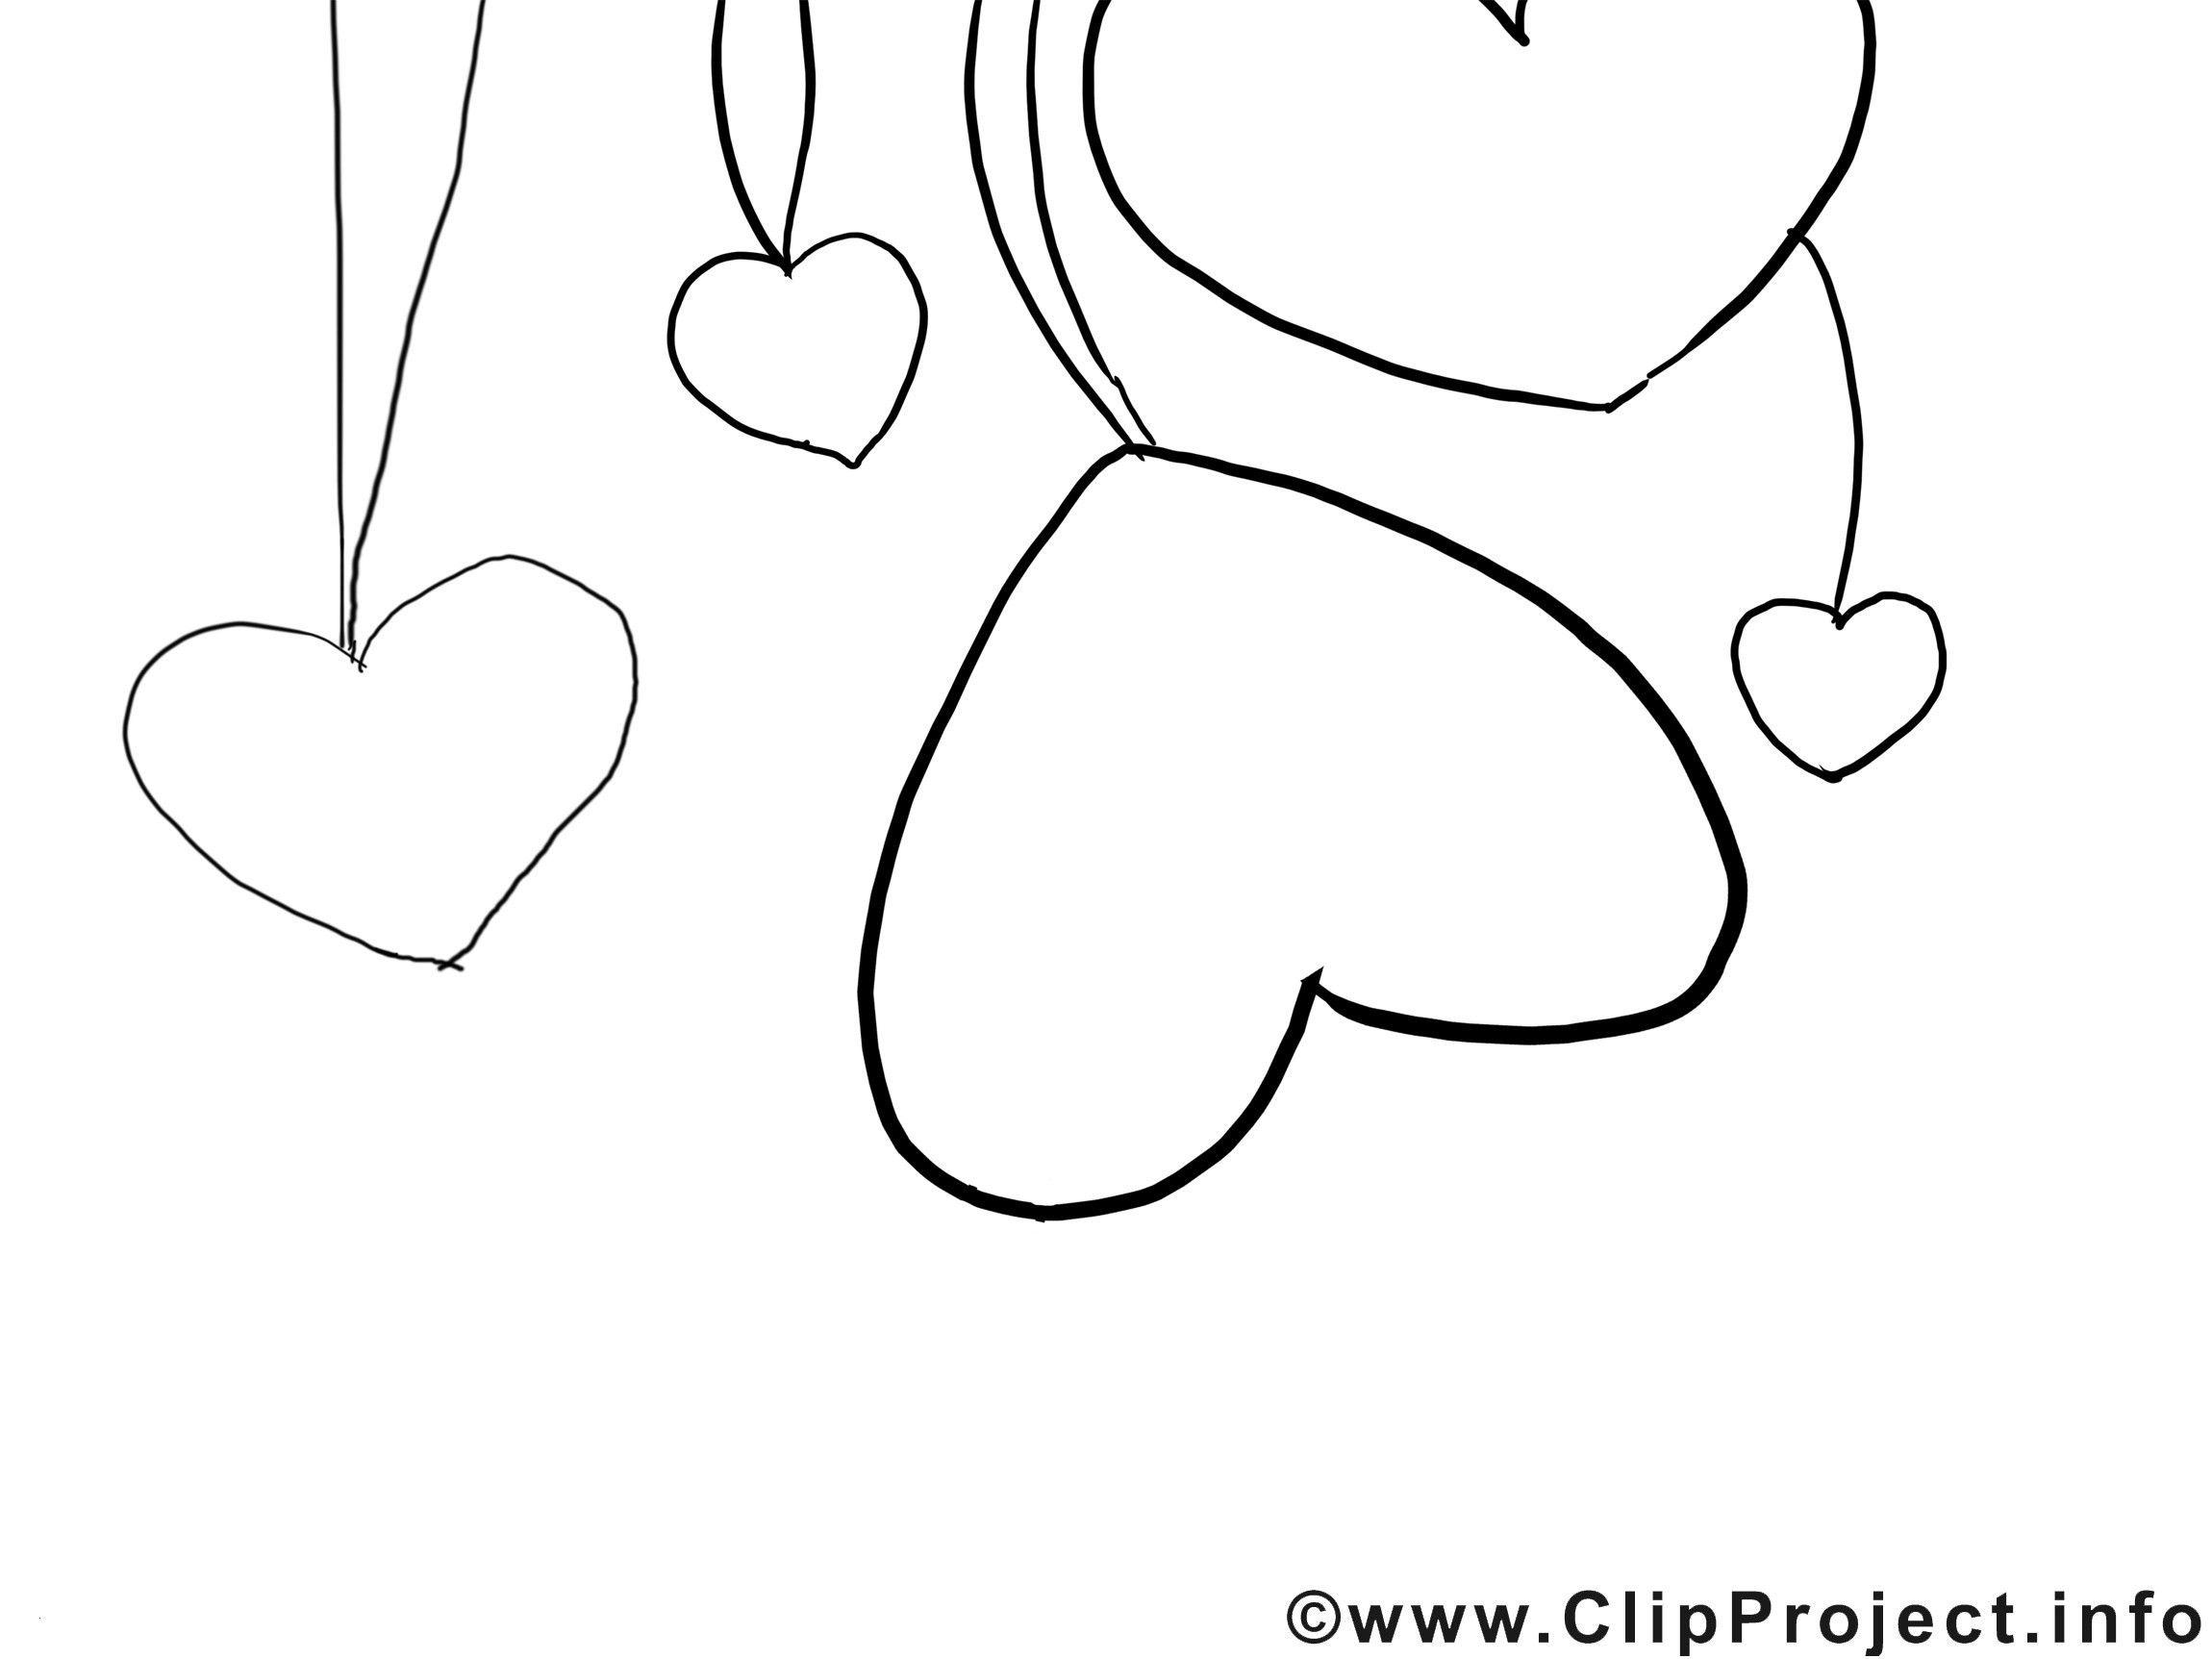 malvorlagen apfel queen  kinder zeichnen und ausmalen